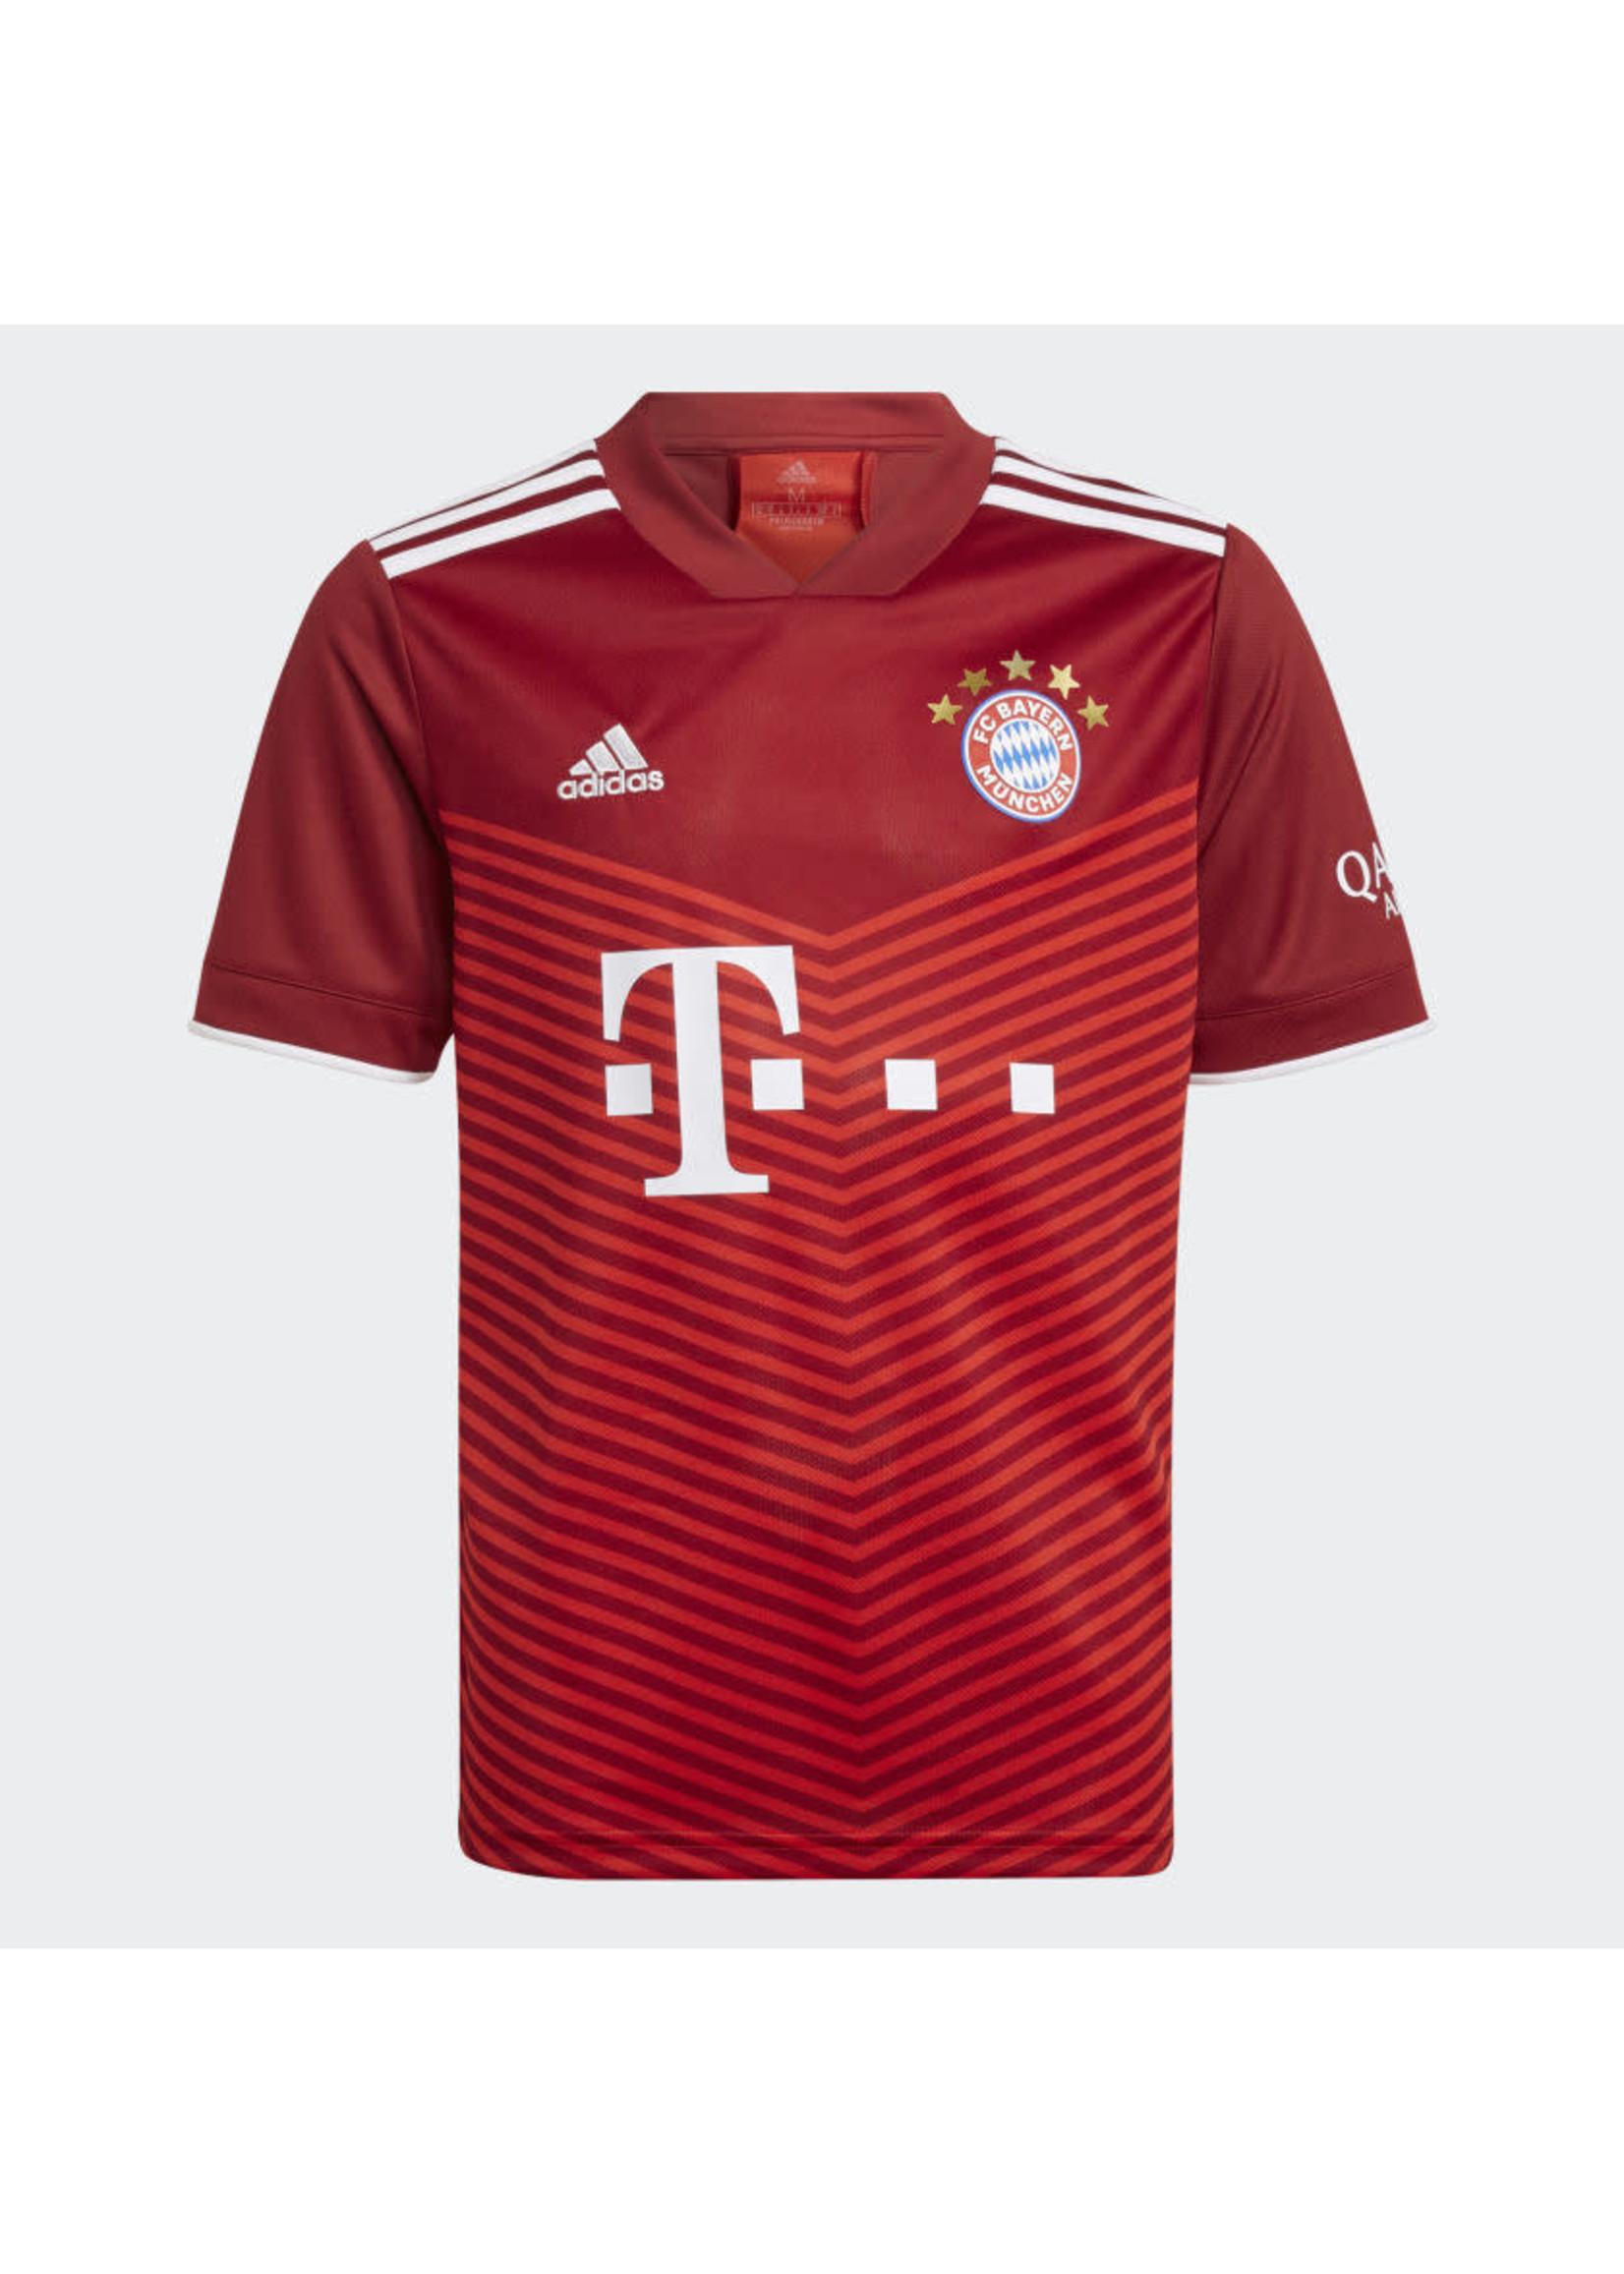 Adidas Bayern Munich 21/22 Home Jersey Youth